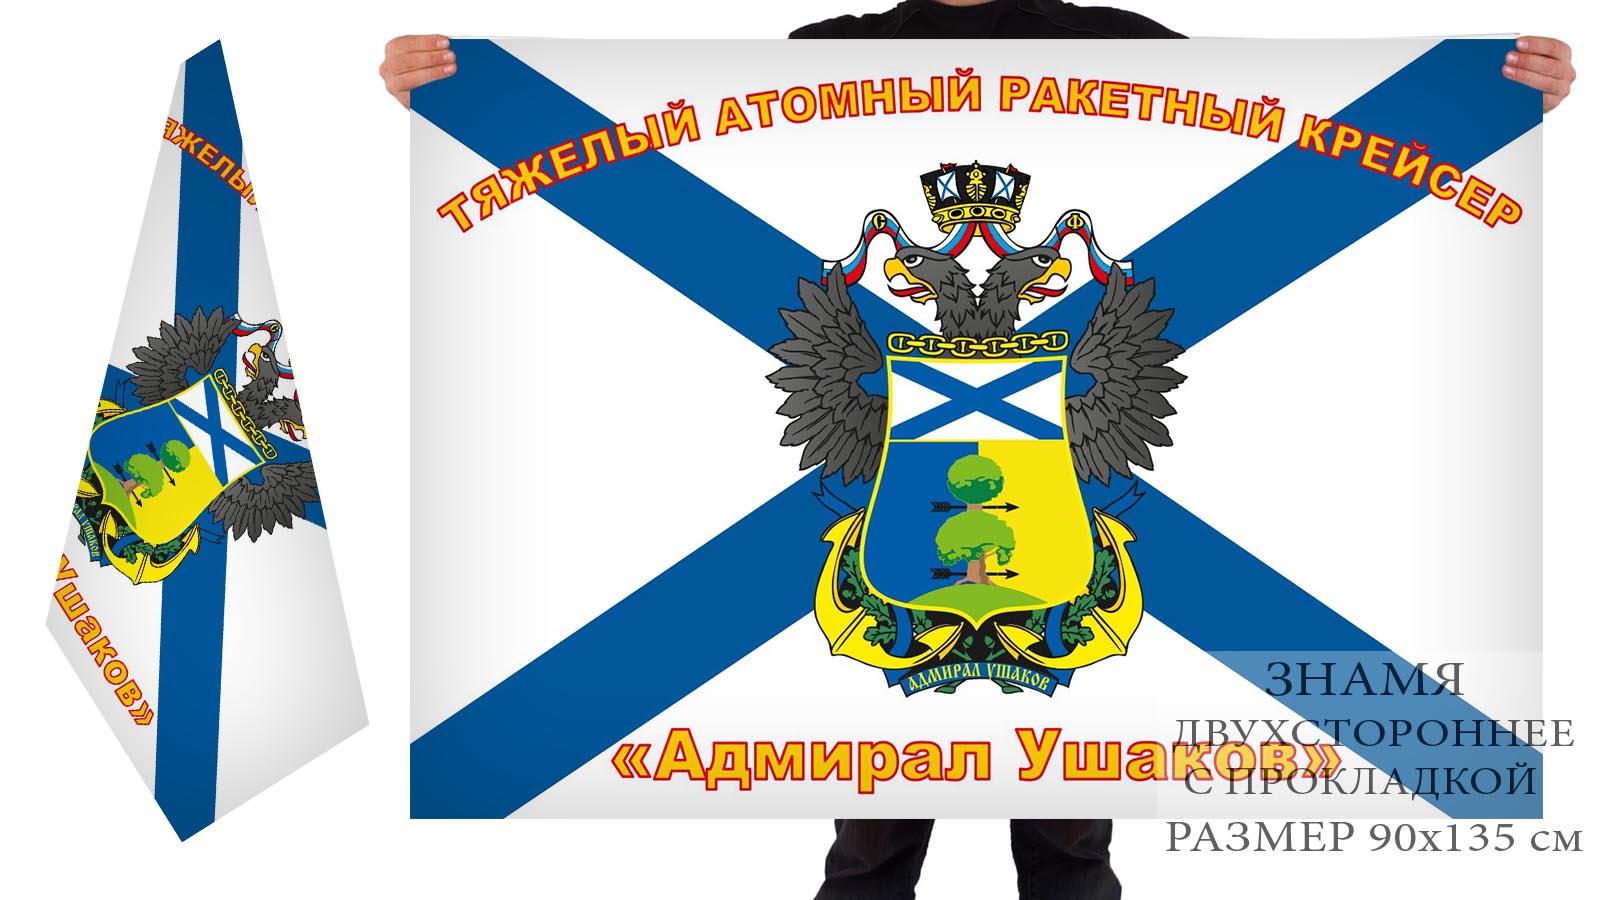 """Двусторонний флаг атомного ракетного крейсера """"Адмирал Ушаков"""""""